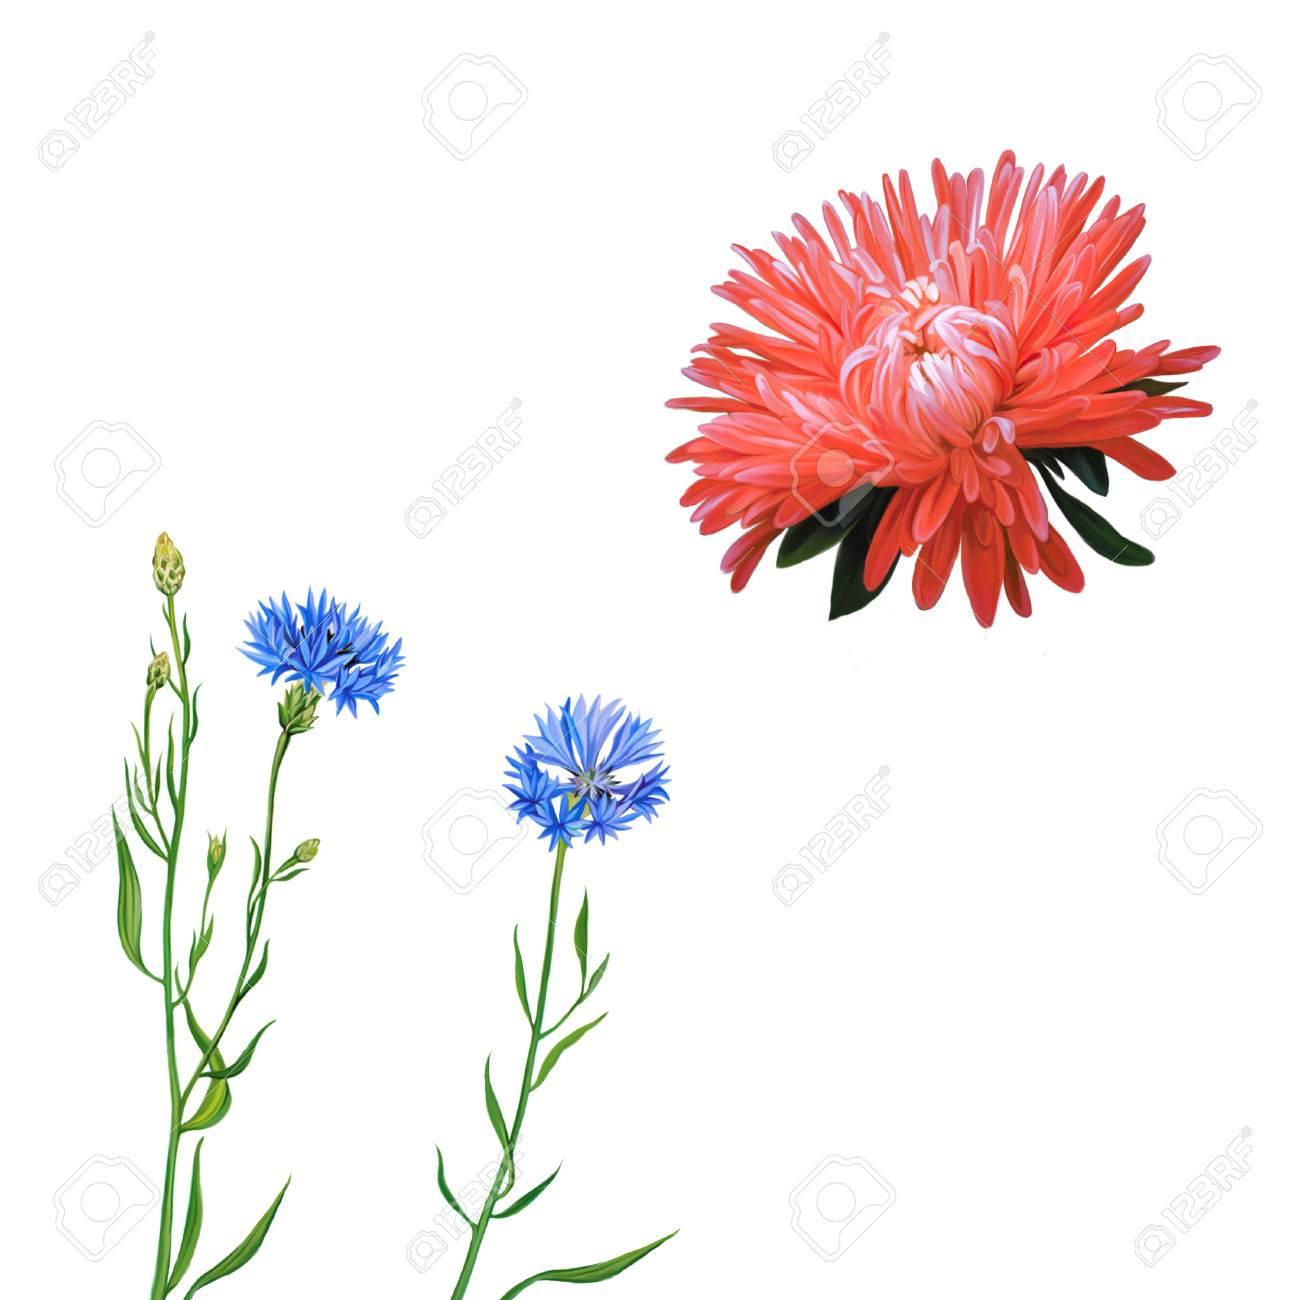 Aster Pink Flower Spring Flower Knapweed Flower On White